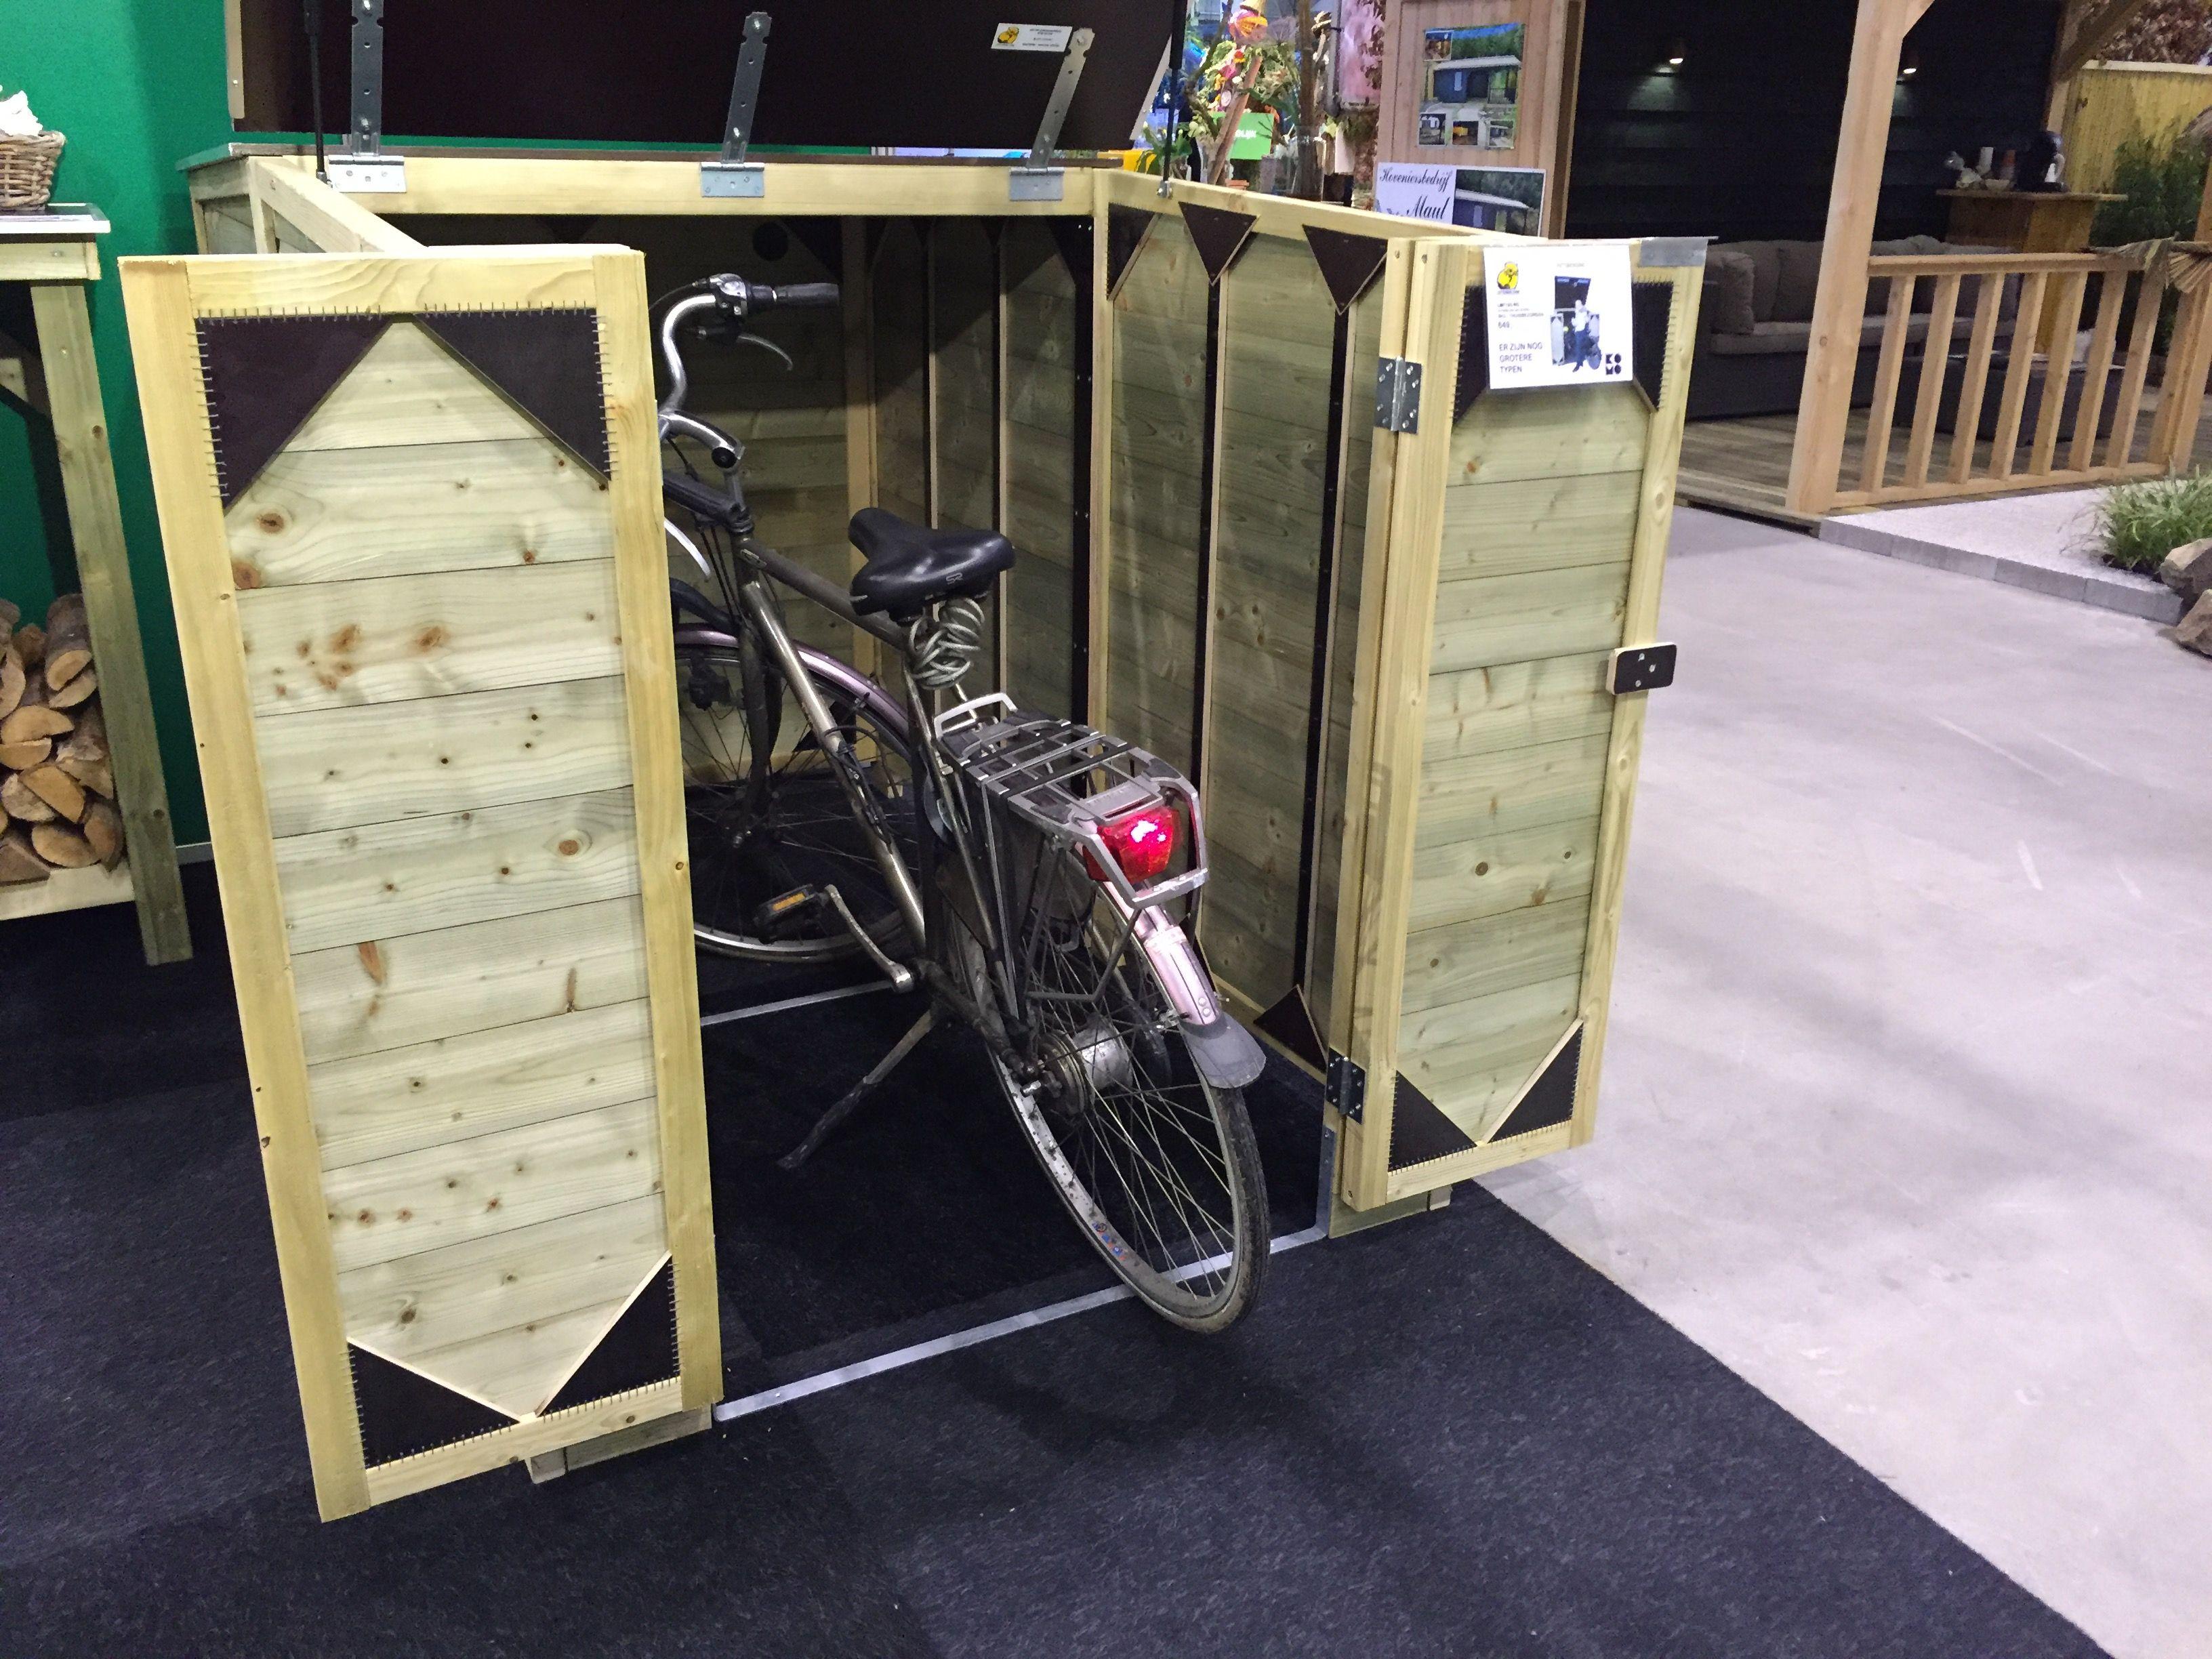 Berging voor fiets of motor diverse afmetingen lutrabox